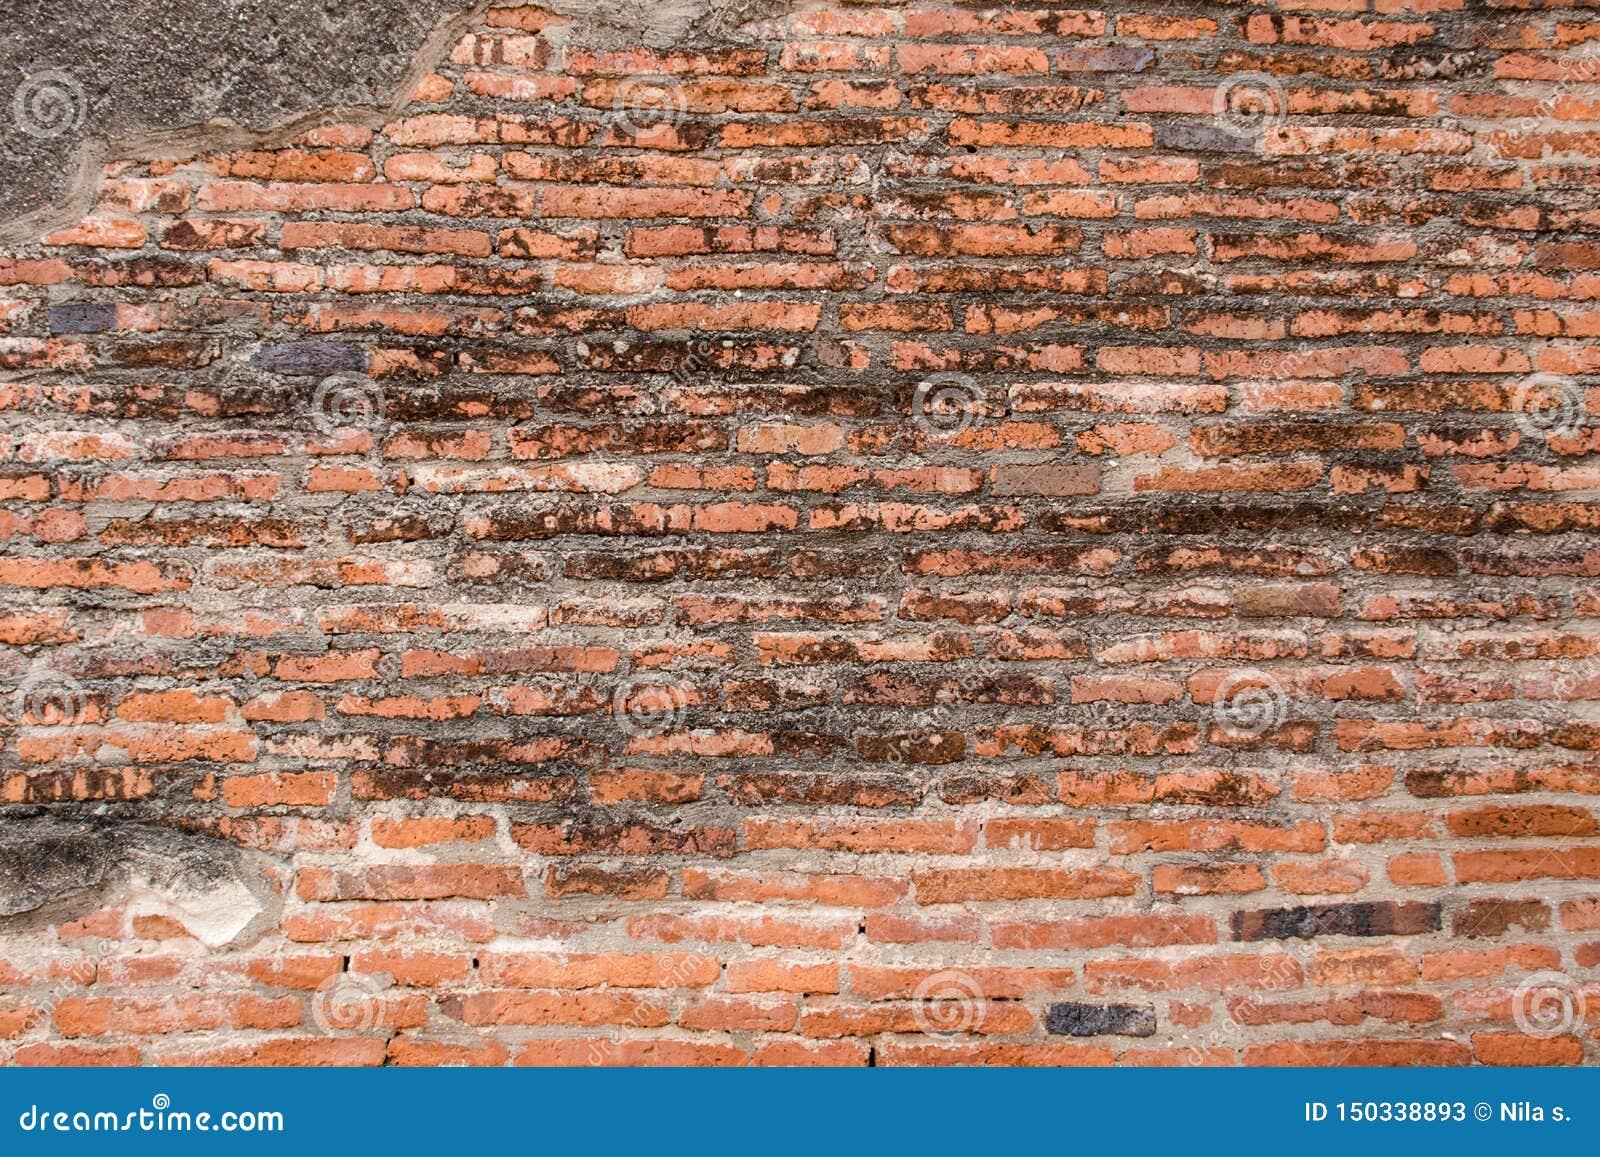 Παλαιά τούβλινη και ξηρά εικόνα υποβάθρου σύστασης τοίχων Κόκκινο πέτρινο υπόβαθρο Grunge